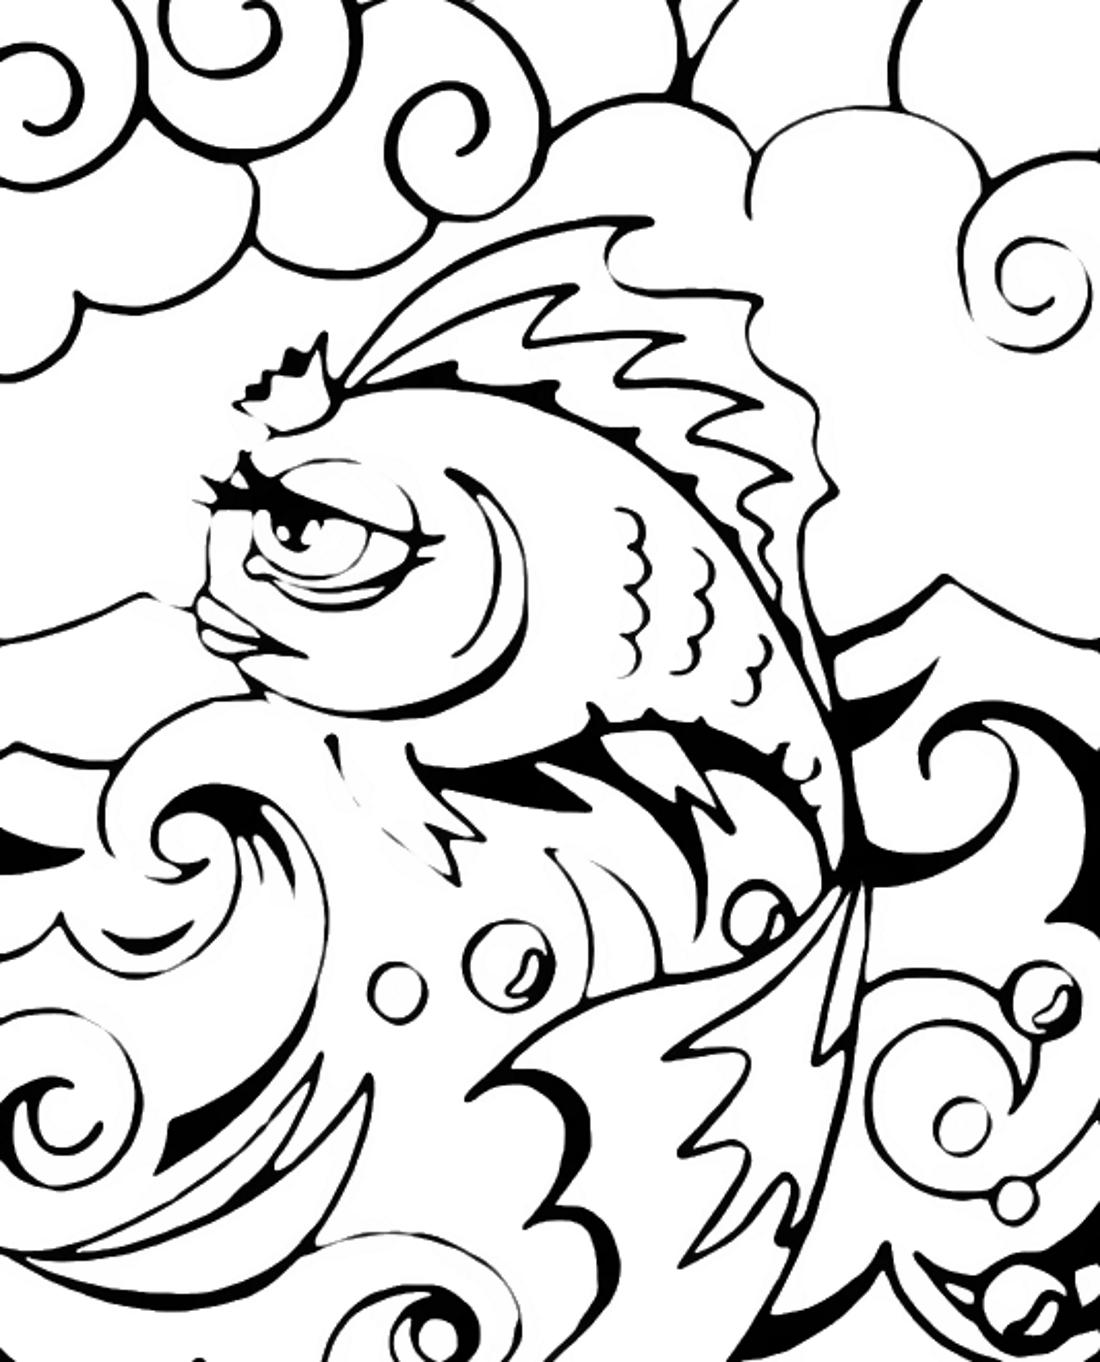 Грустная золотая рыбка - раскраска №516 | Printonic.ru